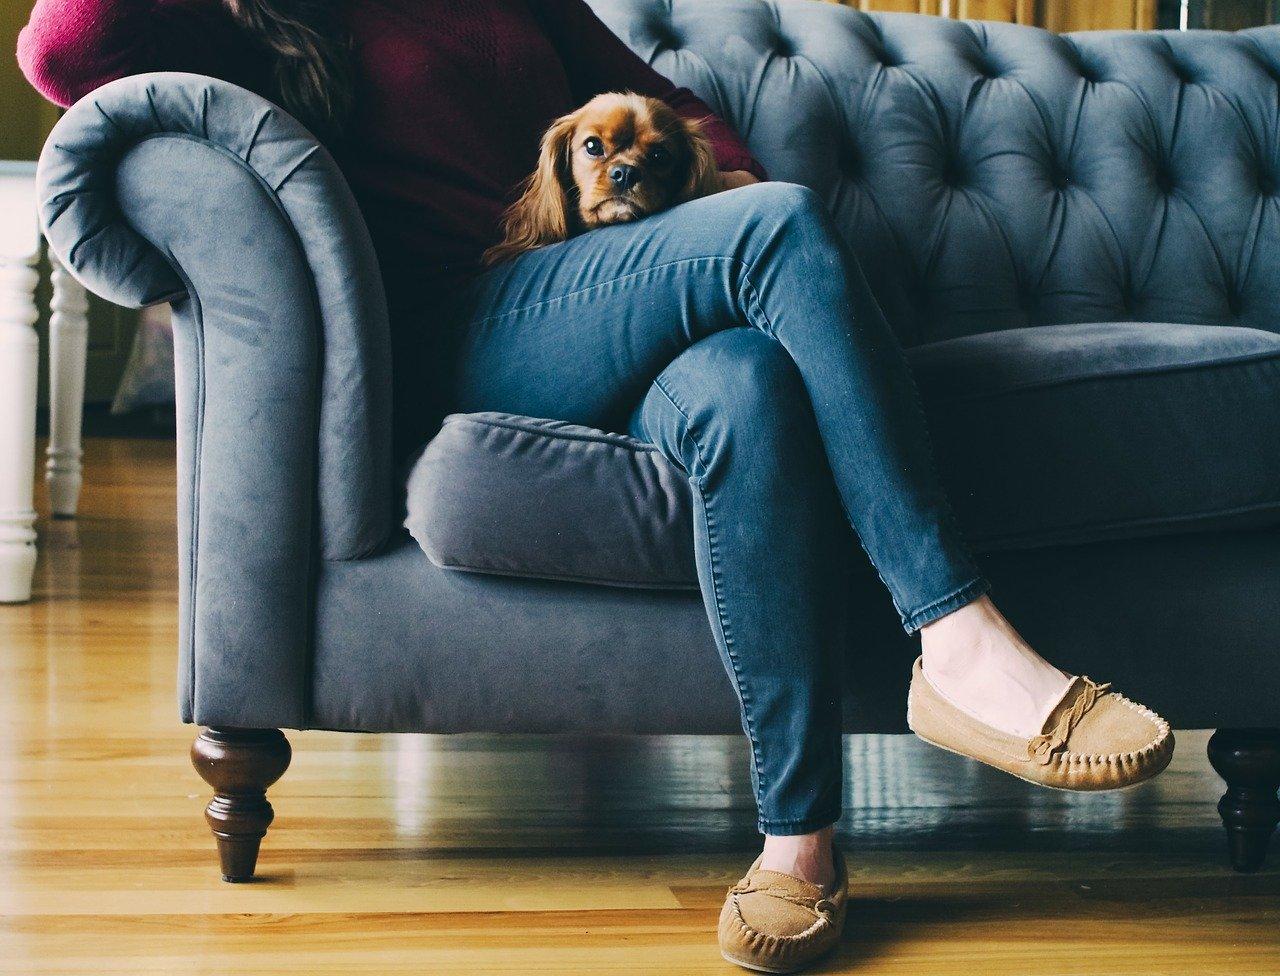 ソファに座って足を組んでいるところ